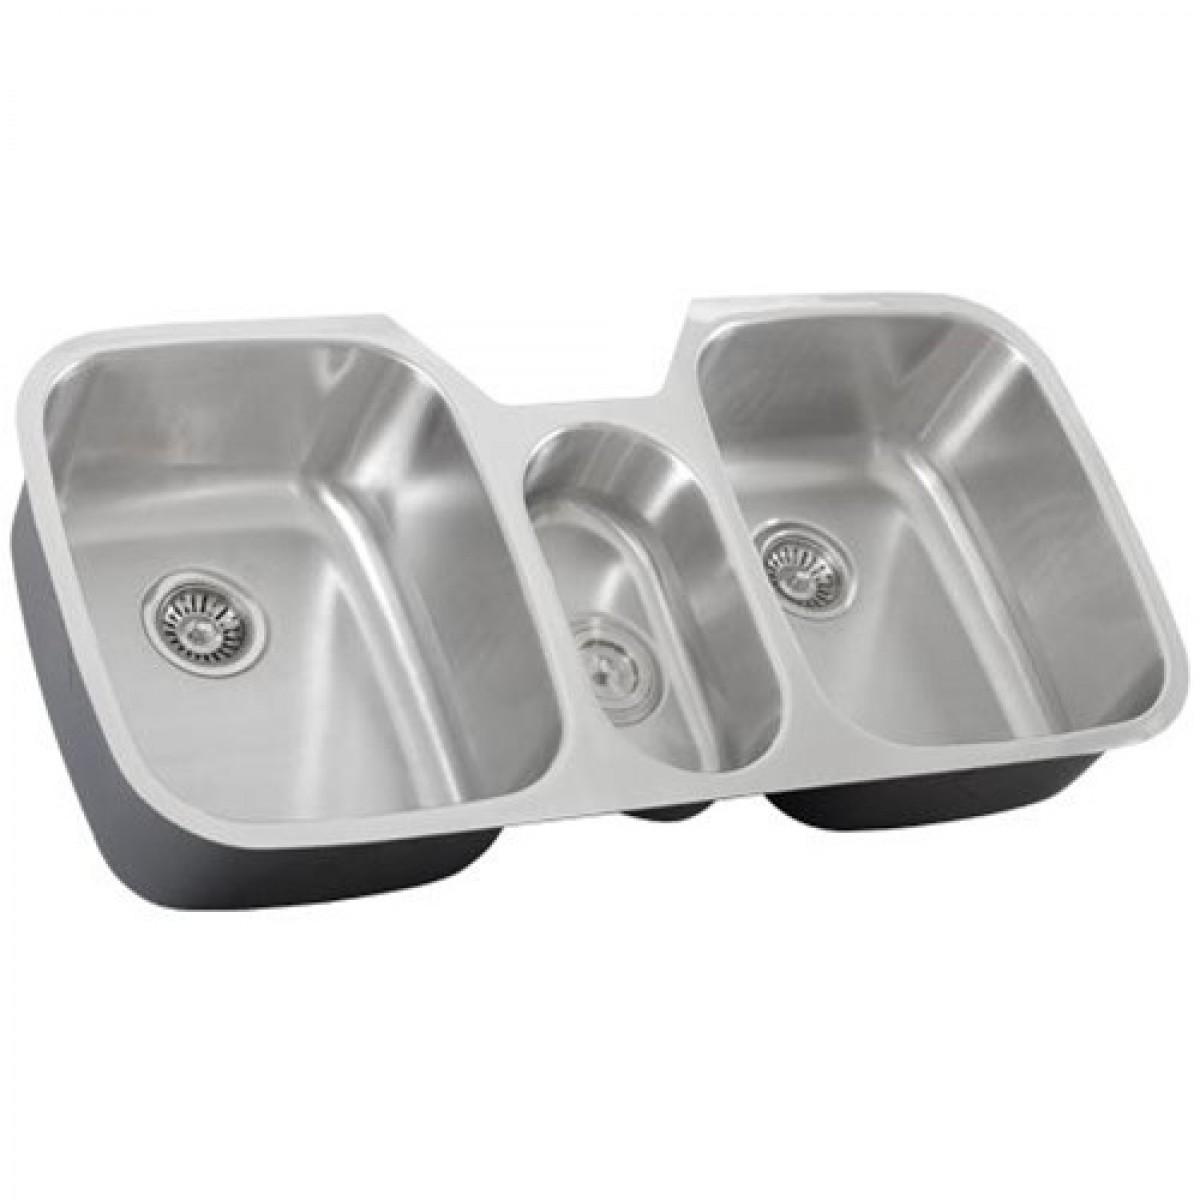 43 Inch Stainless Steel Undermount Triple Bowl Kitchen Sink 16 Gauge